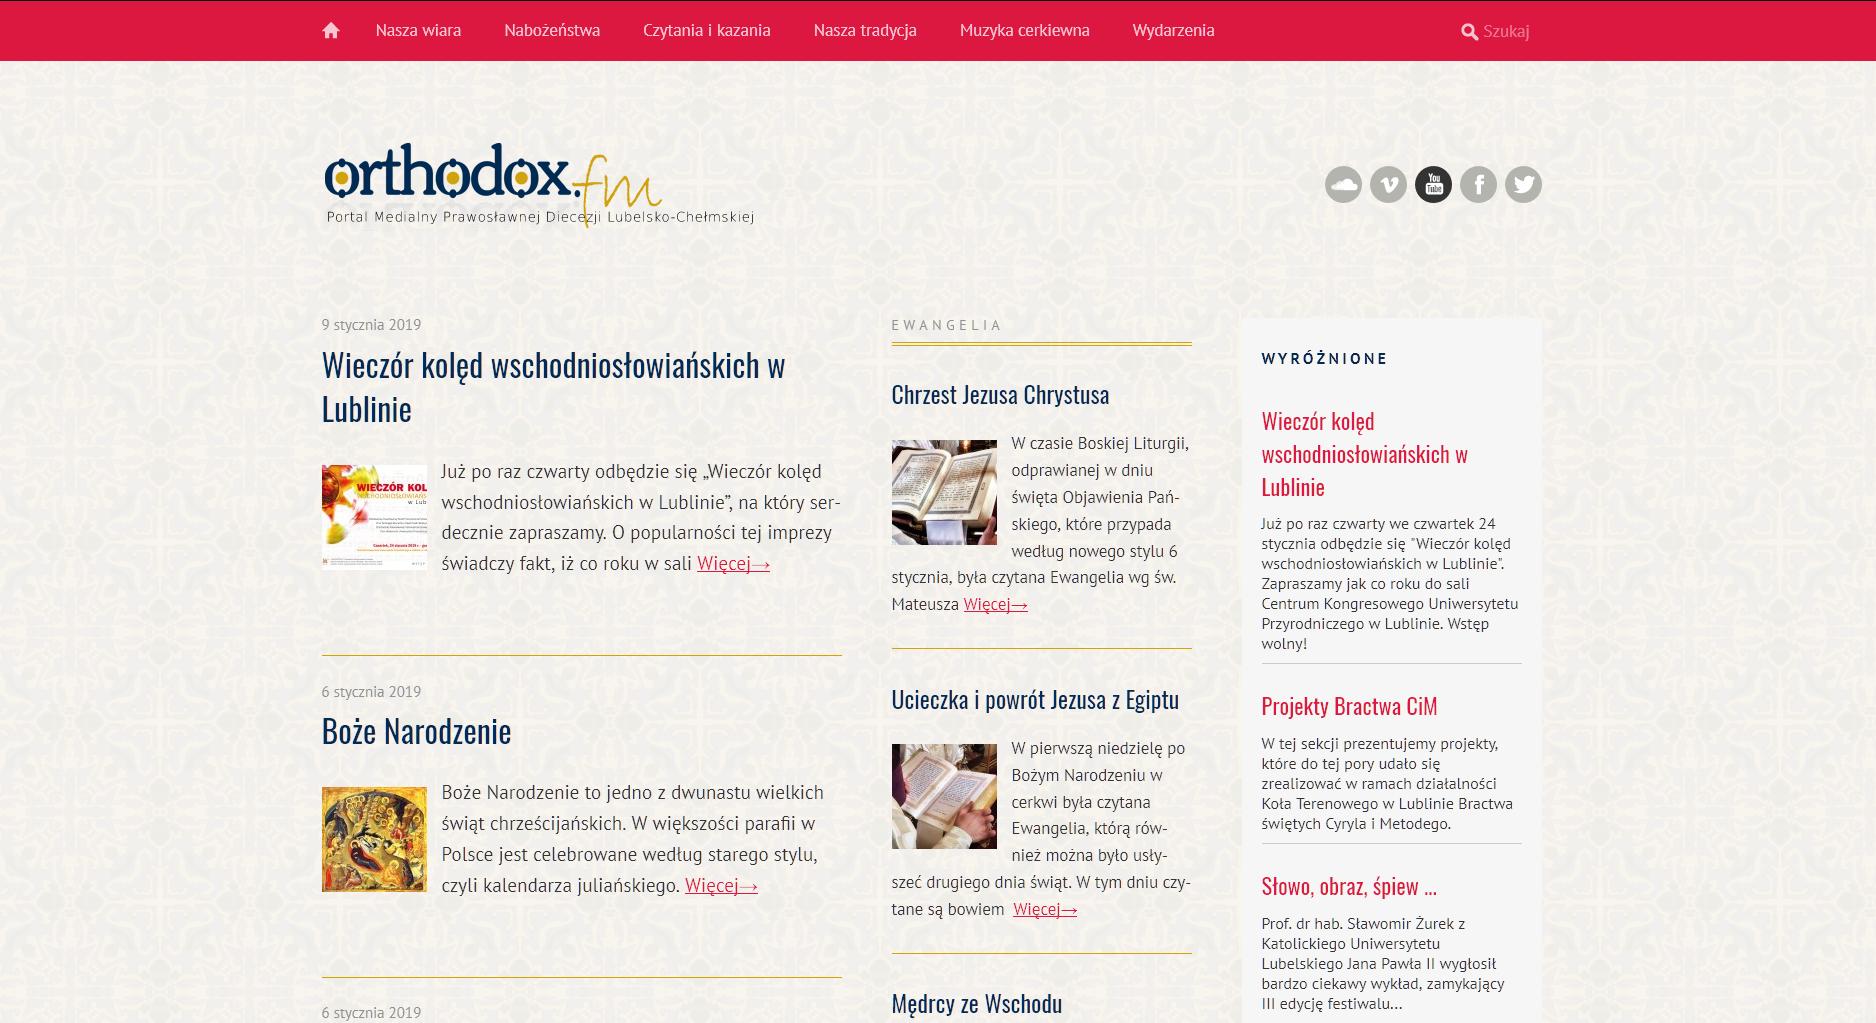 Portal medialny www.orthodox.fm